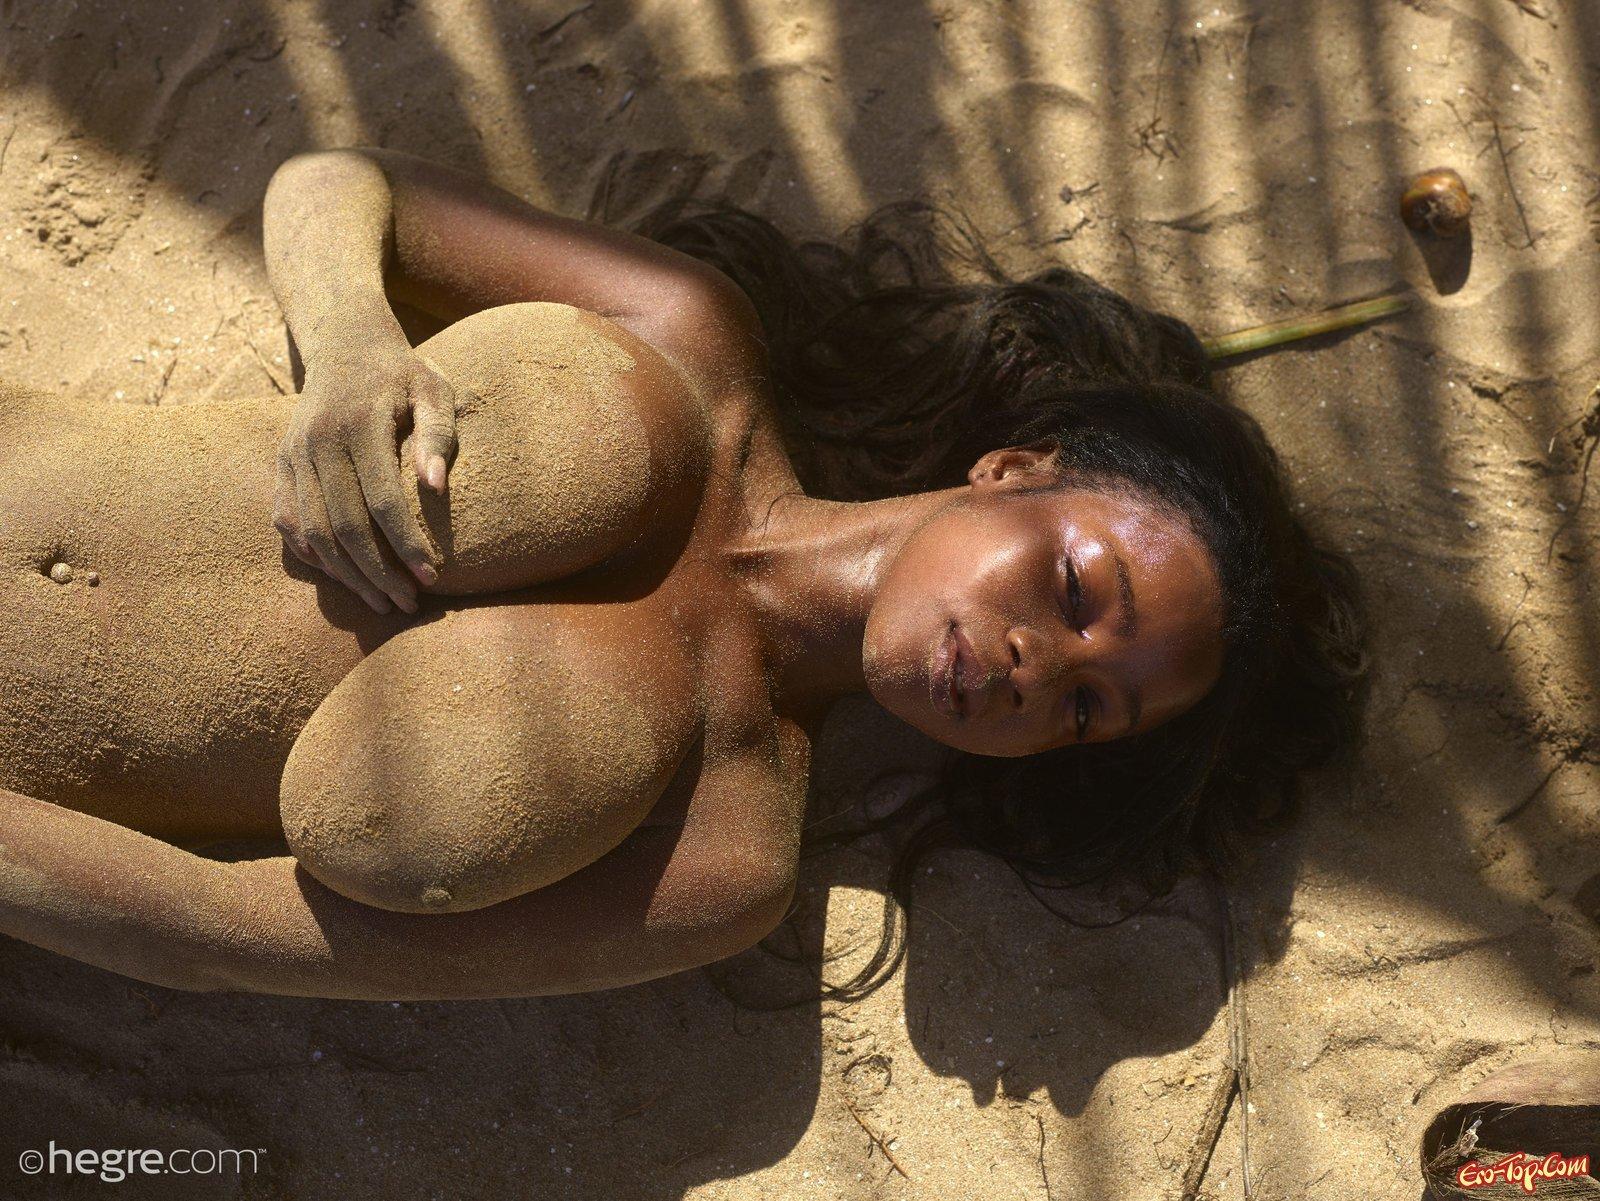 Негритянка с большой грудью валяется на берегу моря